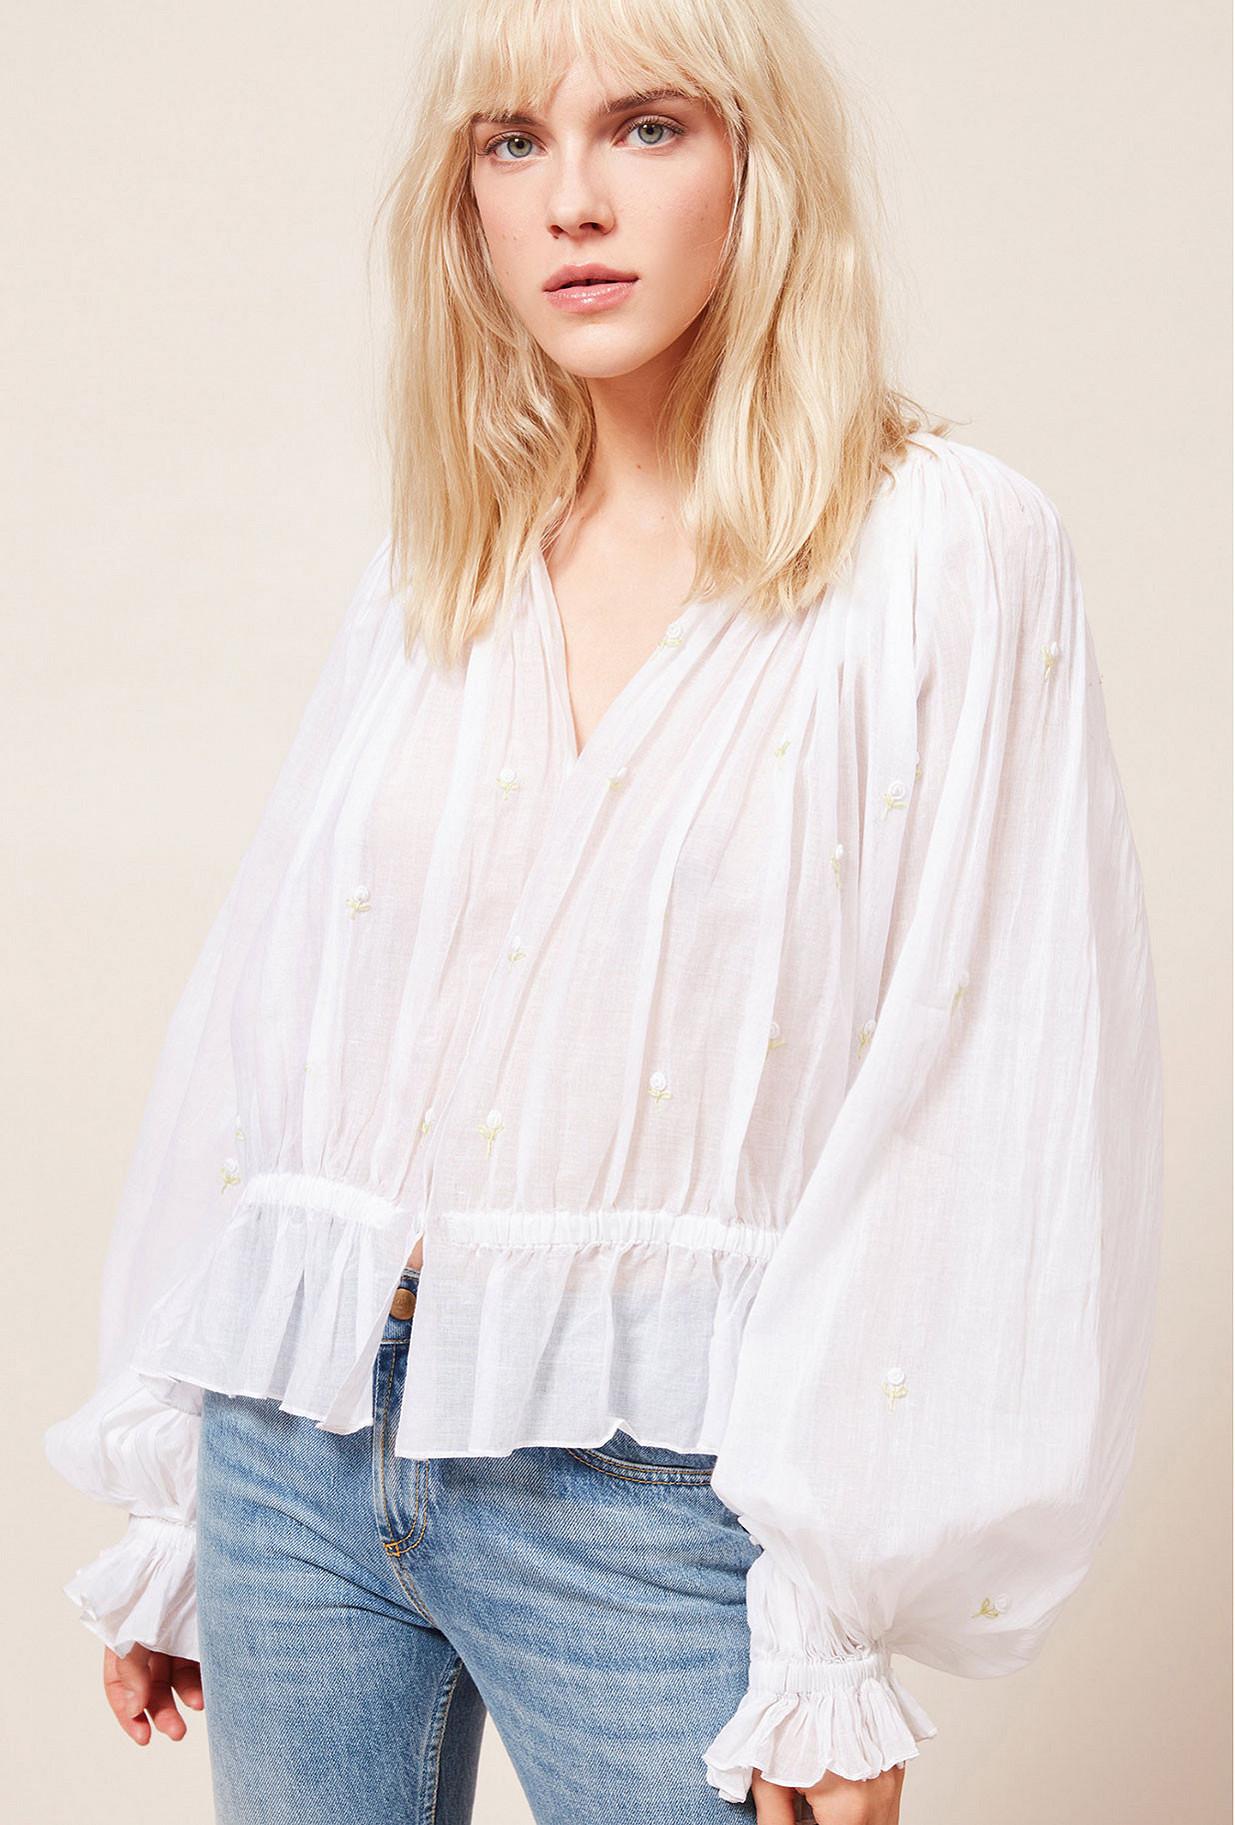 Paris clothes store Blouse  Bergamote french designer fashion Paris